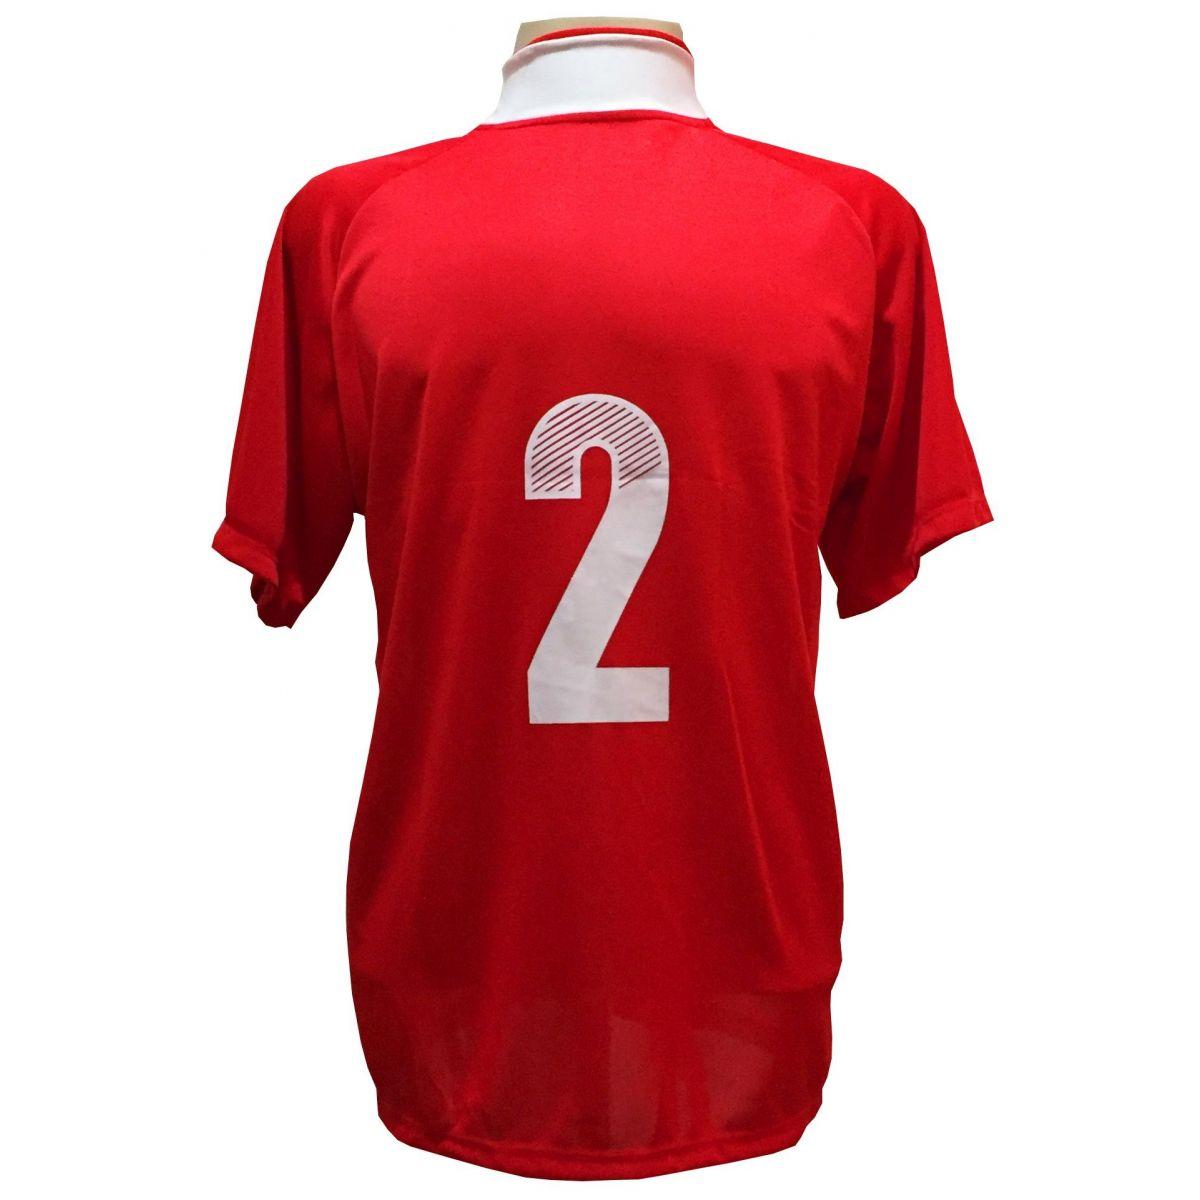 Uniforme Esportivo com 12 Camisas modelo Milan Vermelho/Branco + 12 Calções modelo Copa Vermelho/Branco  - ESTAÇÃO DO ESPORTE